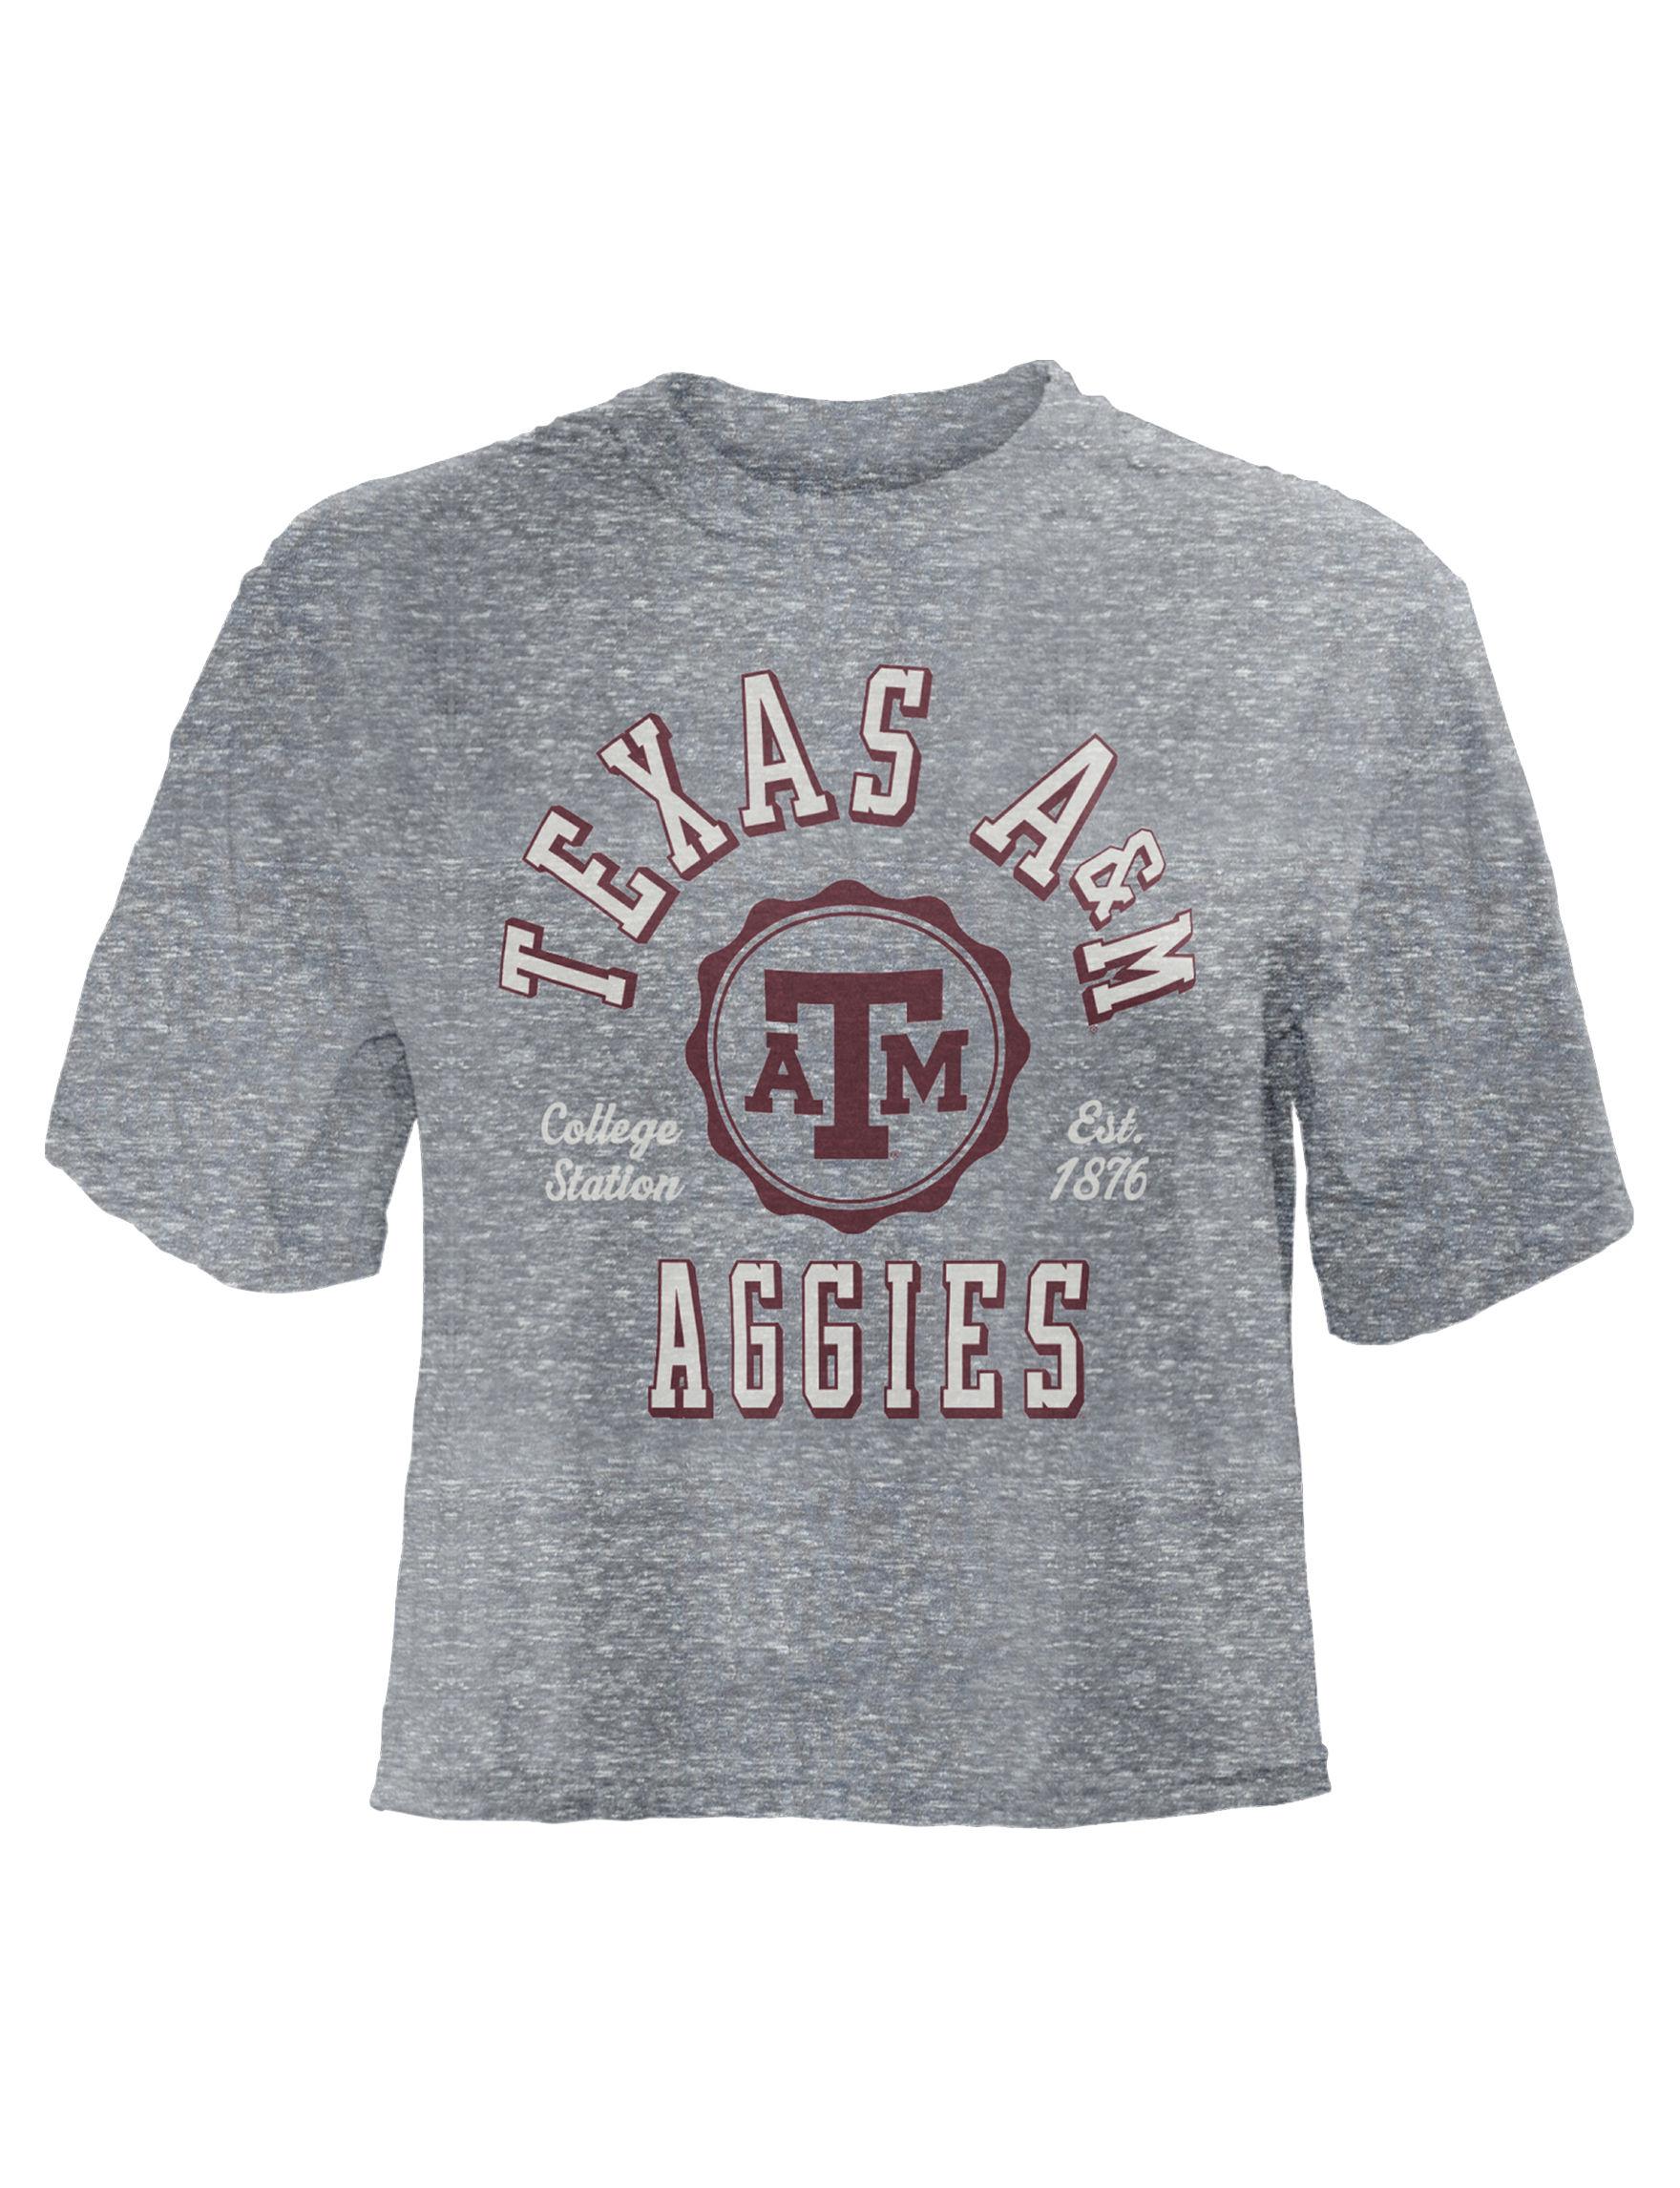 NCAA Grey / Multi Tees & Tanks